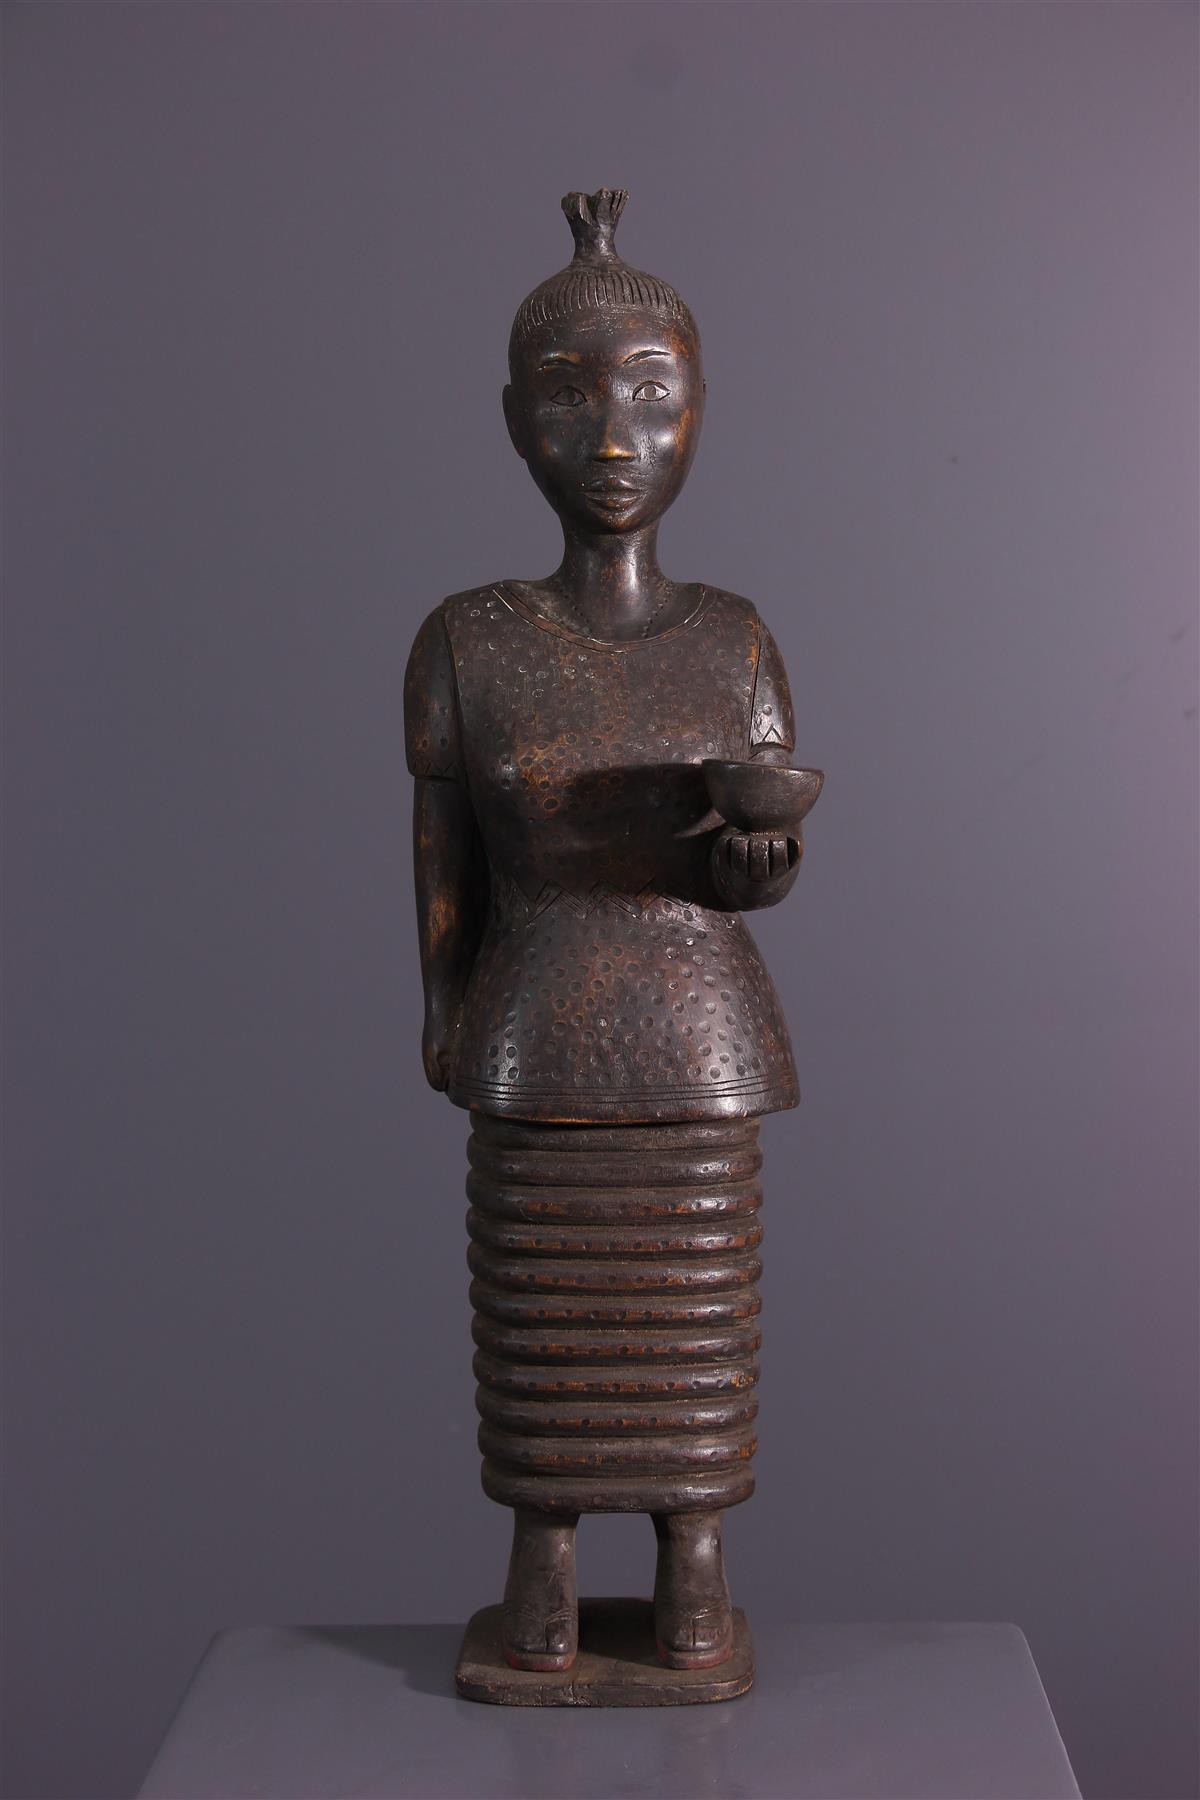 Statue Temne - Tribal art